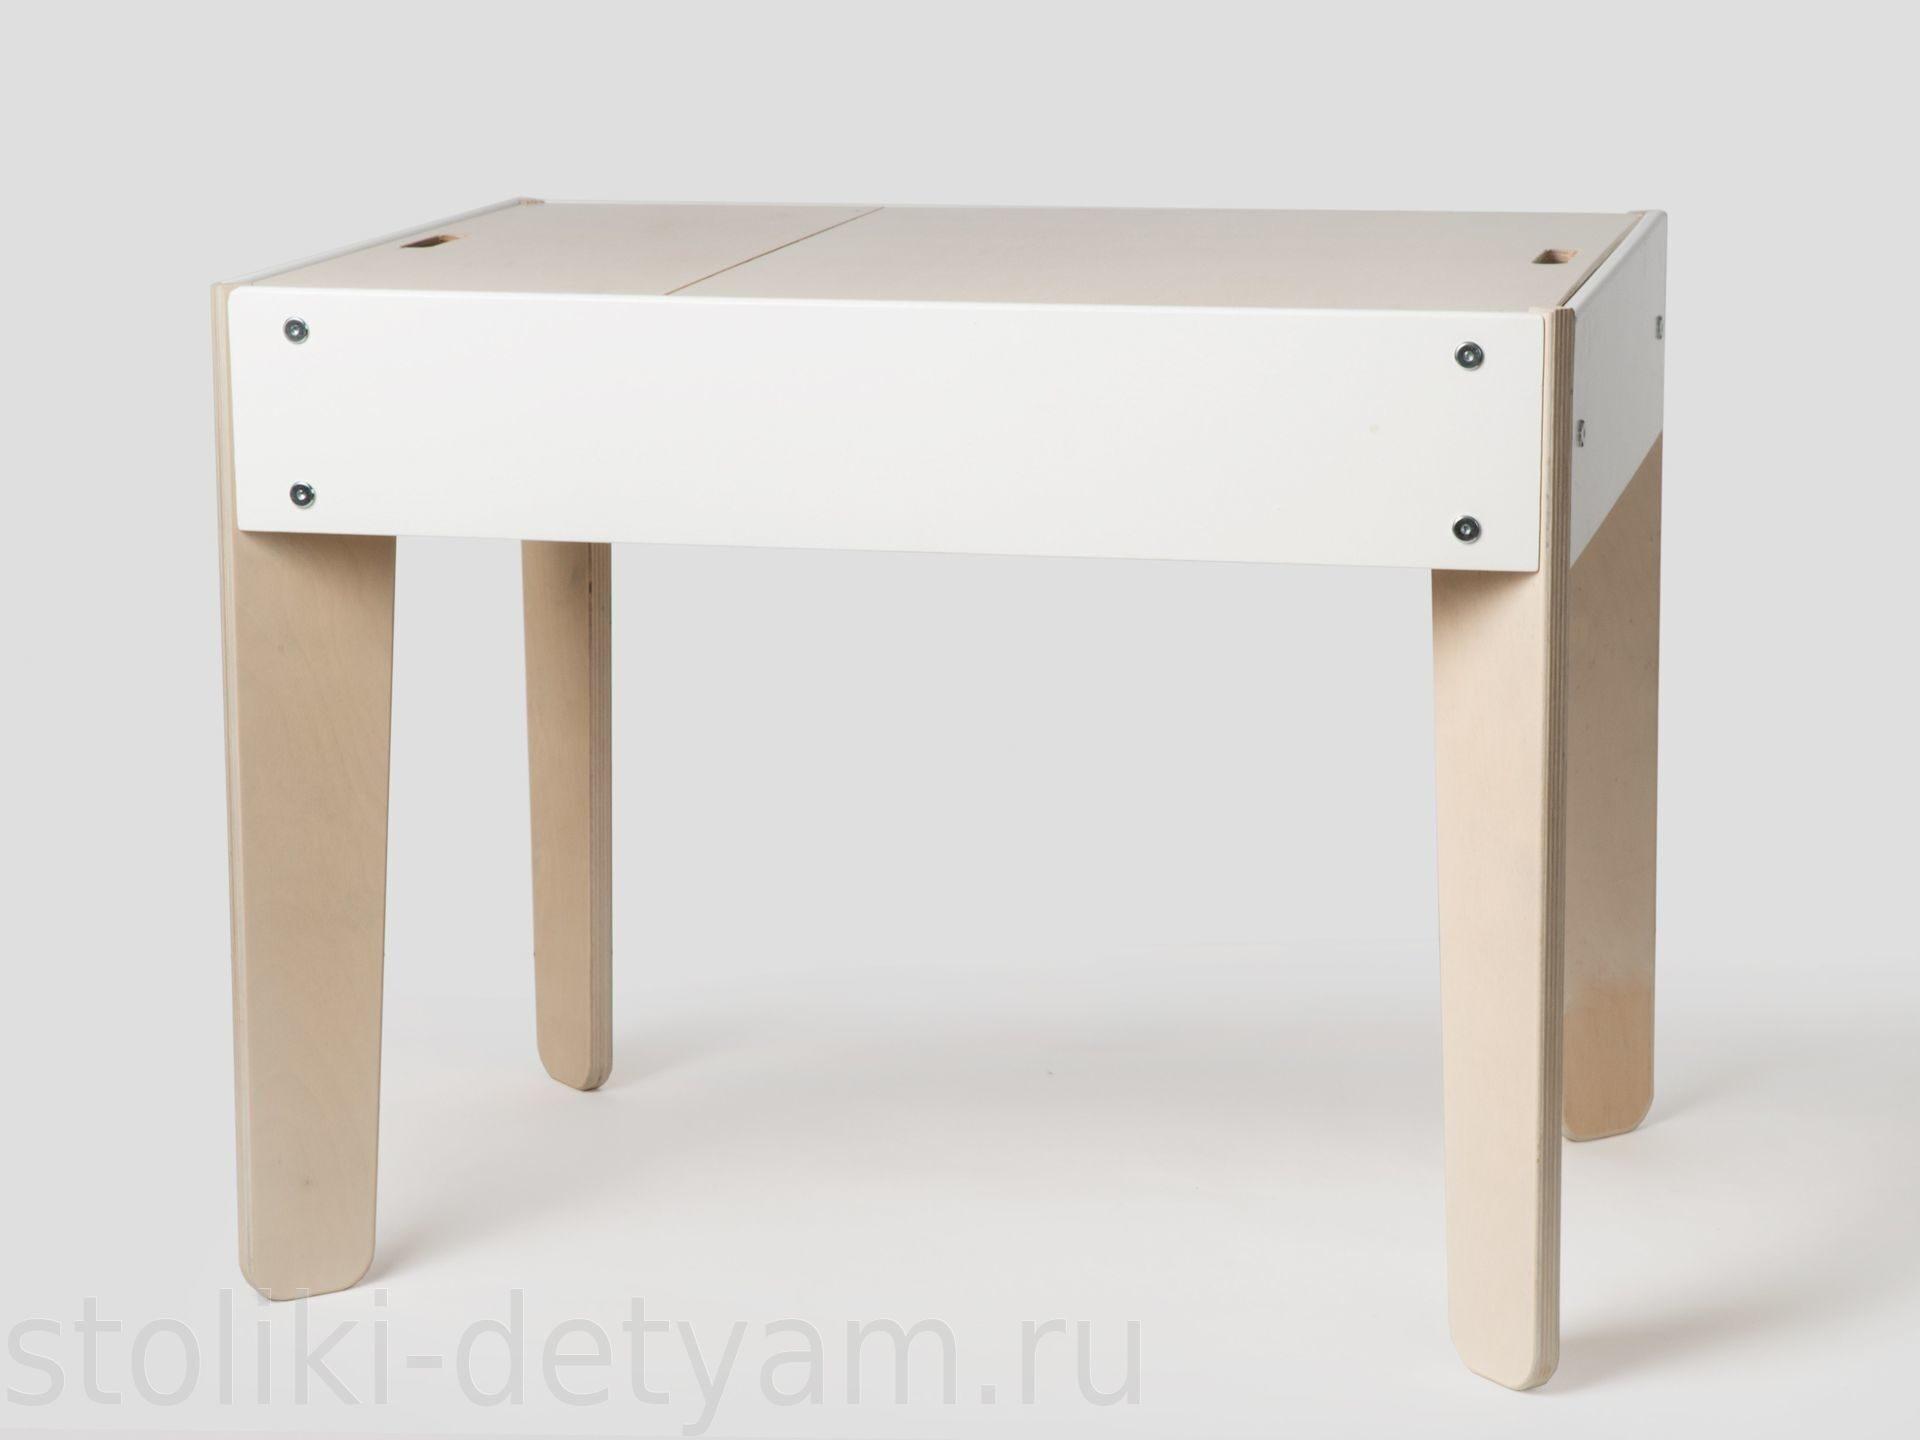 Столик детский игровой СД-И Столики Детям